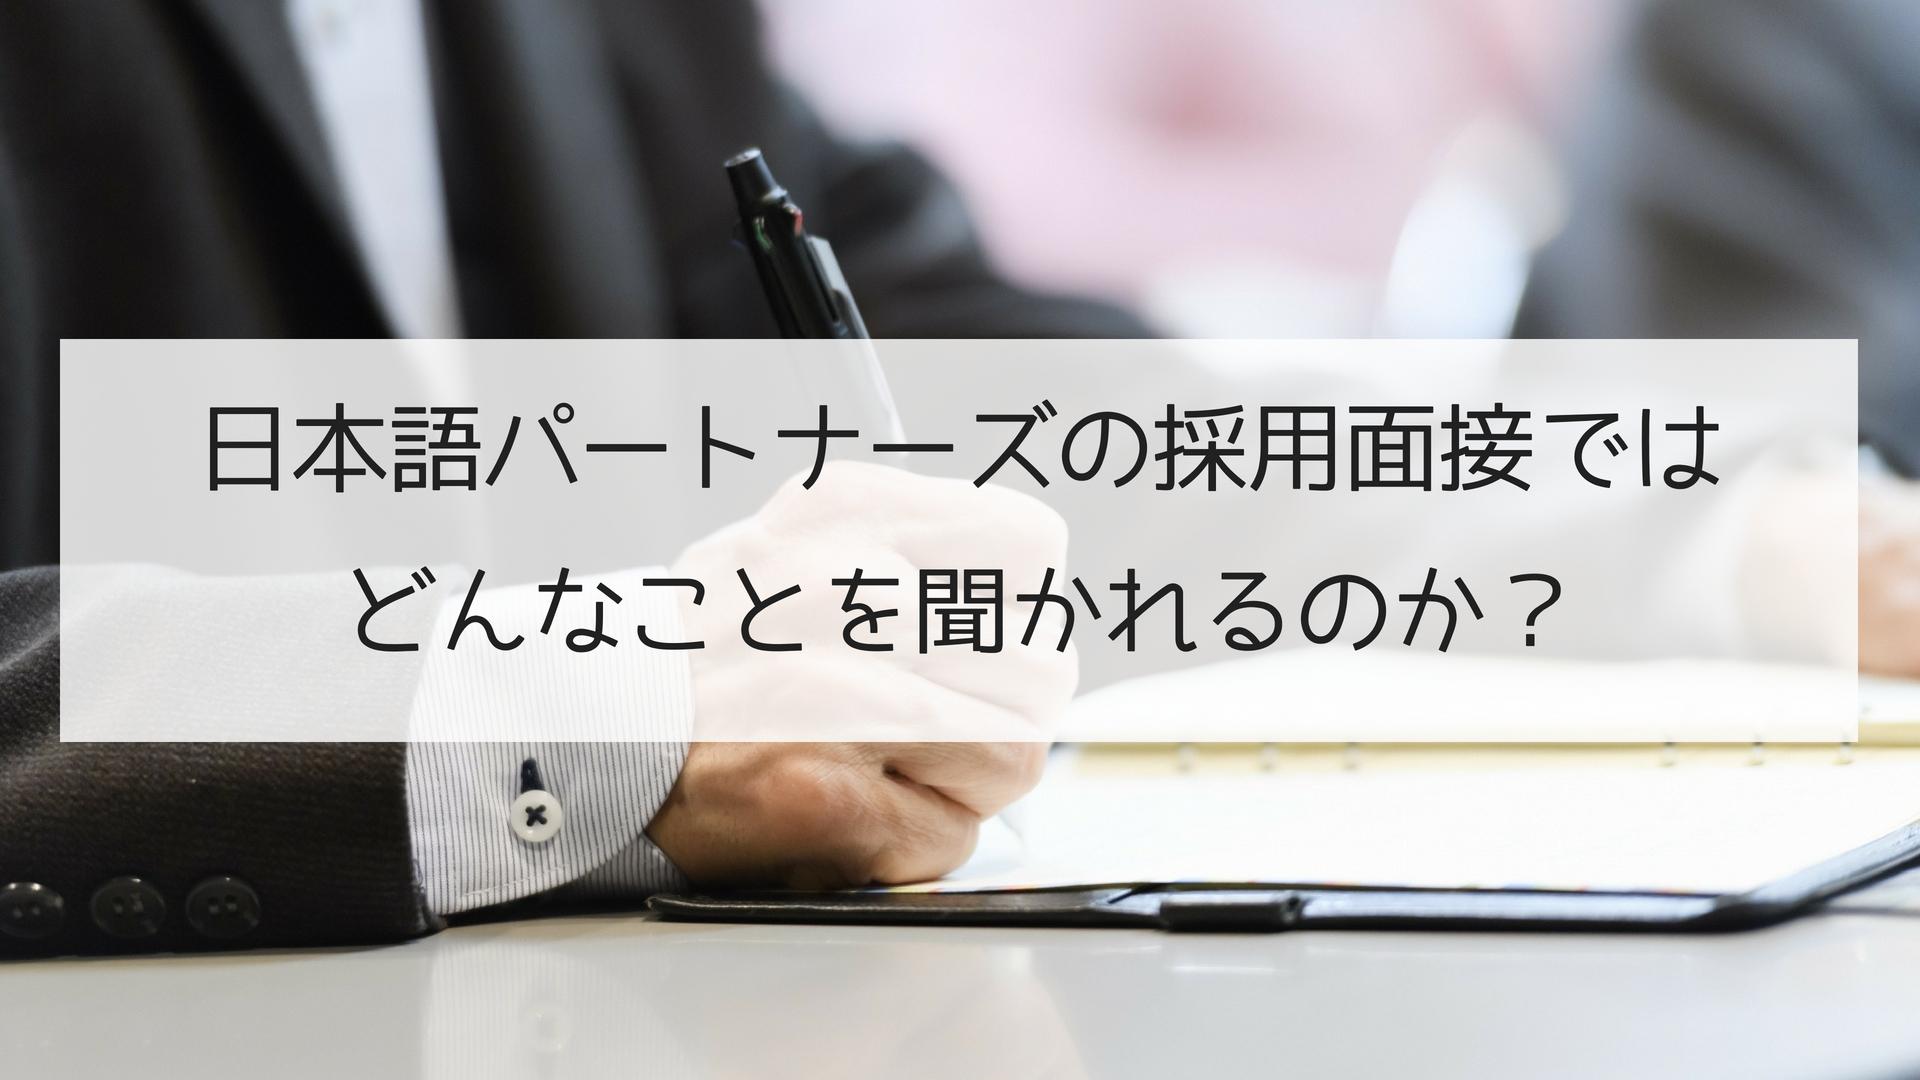 日本語パートナーズの採用面接ではどんなことを聞かれるのか?